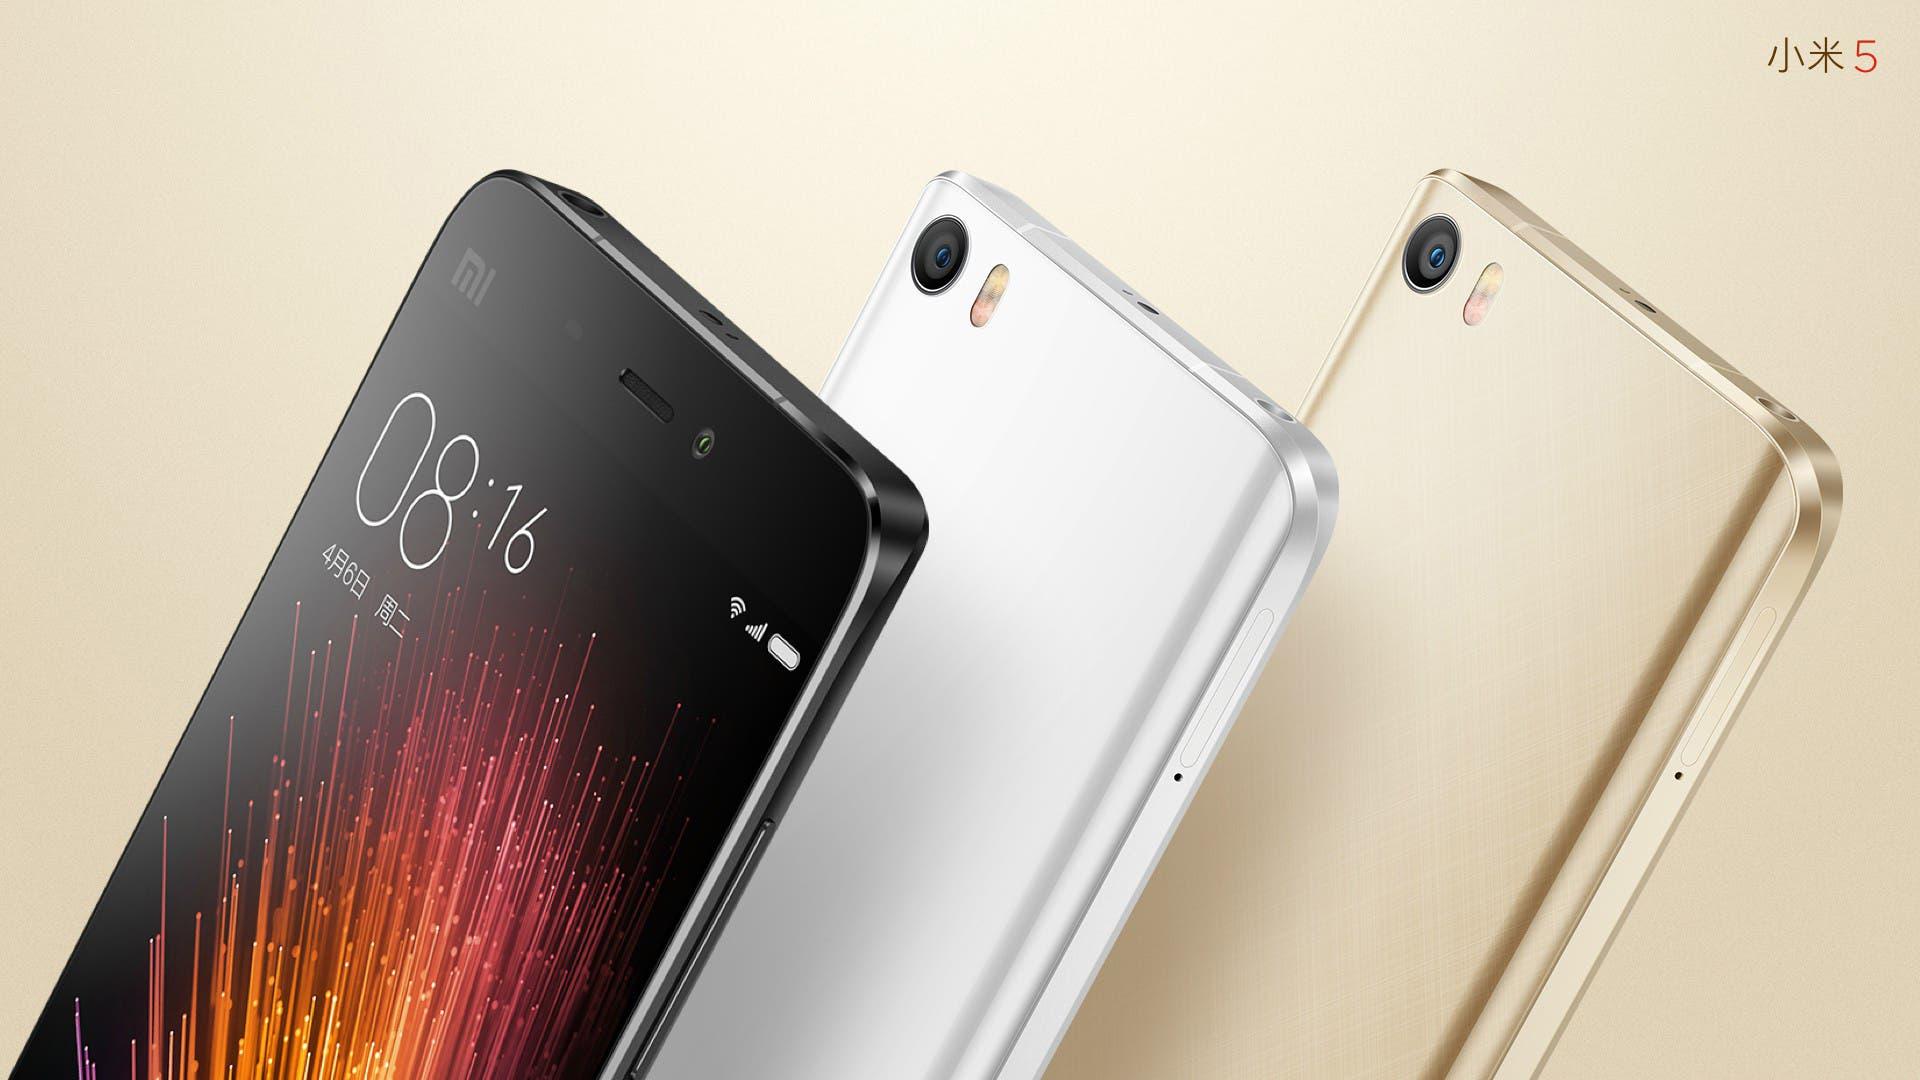 ¿Interesado en los últimos smartphones de Xiaomi y Motorola? Consíguelos con cupón descuento en GearBest 2